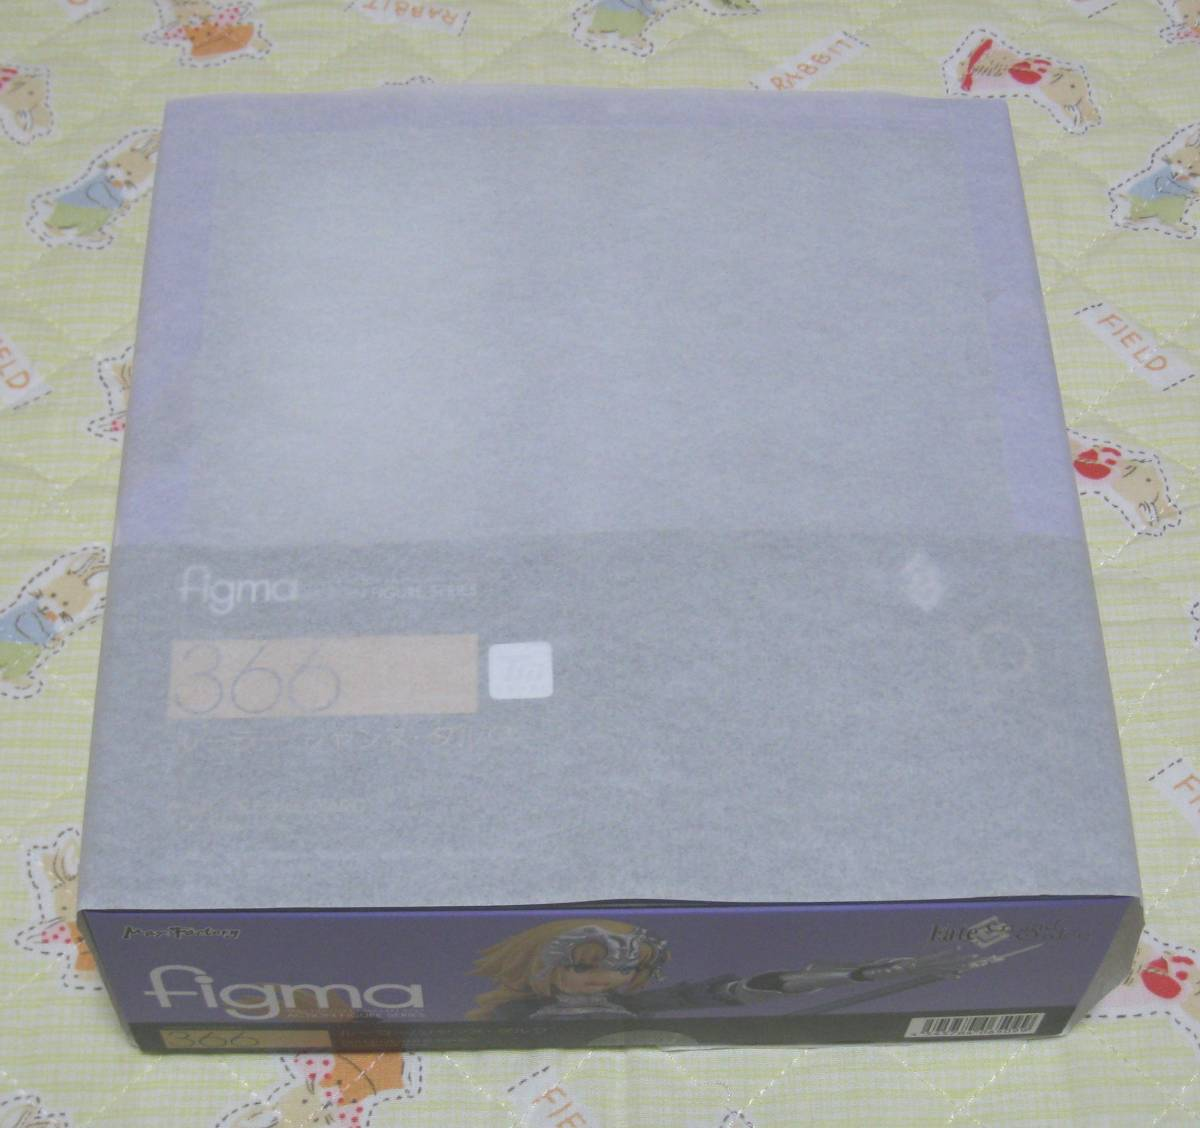 ◆ マックスファクトリー ◆ figma ◆ Fate/Grand Order ◆ ルーラー/ジャンヌ・ダルク ◆ 新品未開封.◆